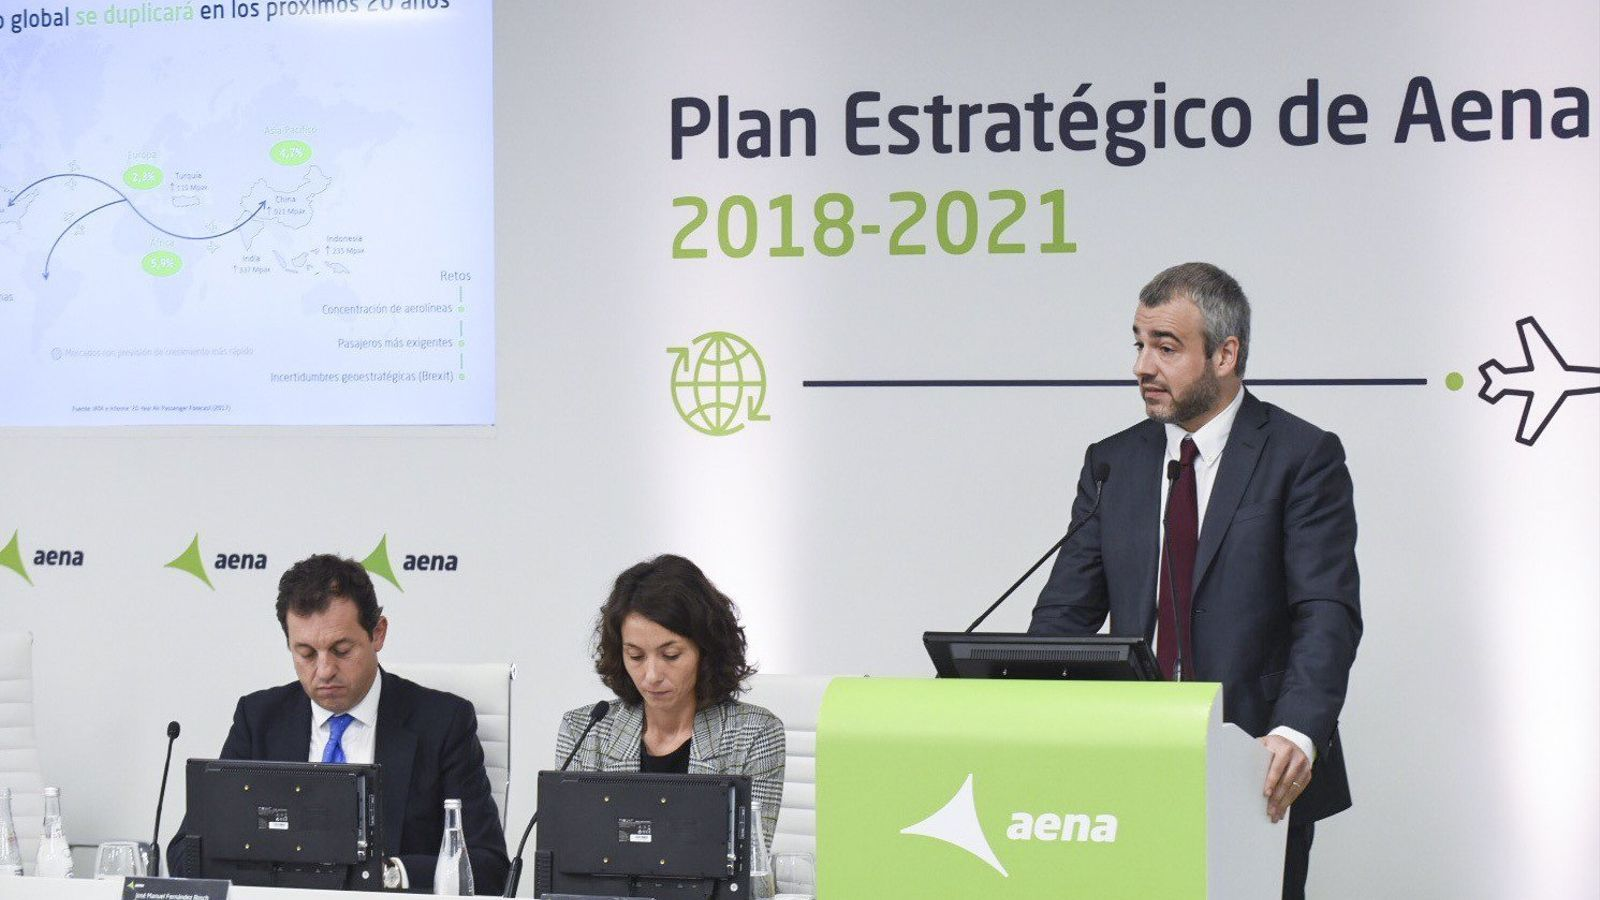 Maurici Lucena, nou president d'Aena, manté el secret dels beneficis econòmics que genera l'aeroport del Prat